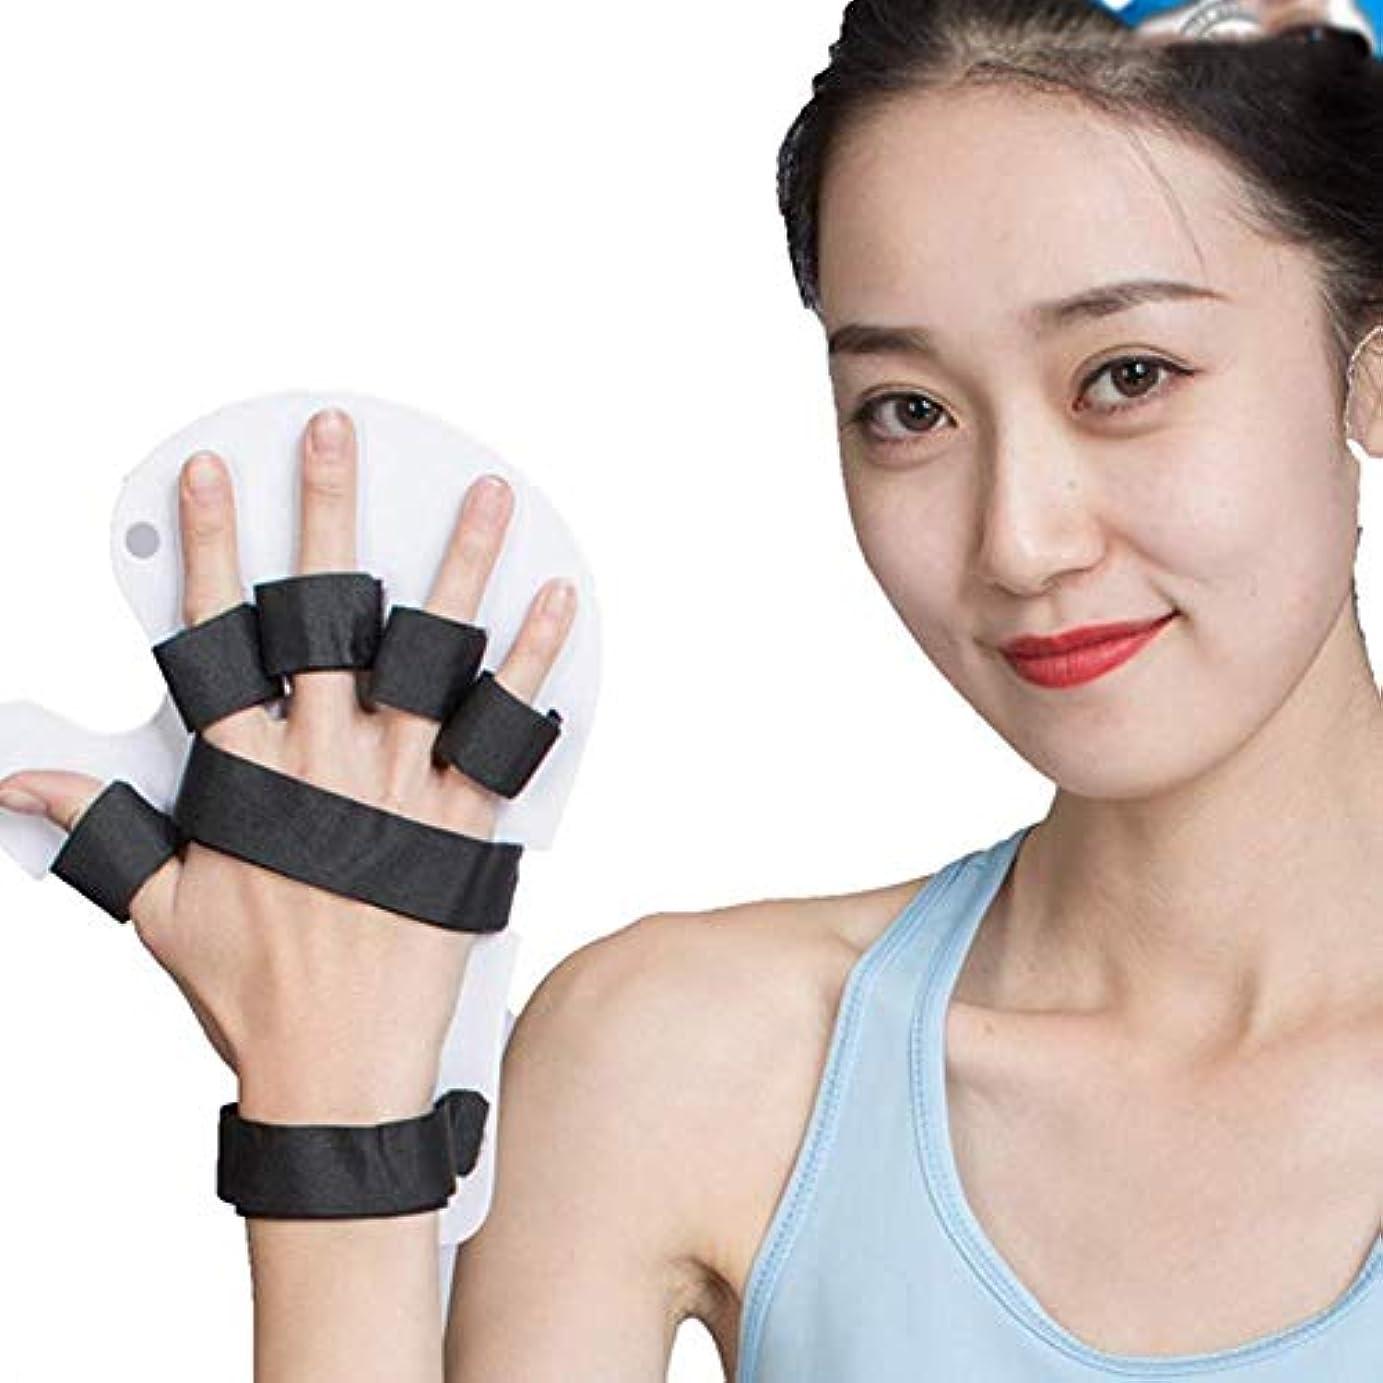 シーサイド受け皿減らすトリガー指スプリント、手首手サポート関節炎指スプリント、サポート親指サポート、男性女性右手左手使用